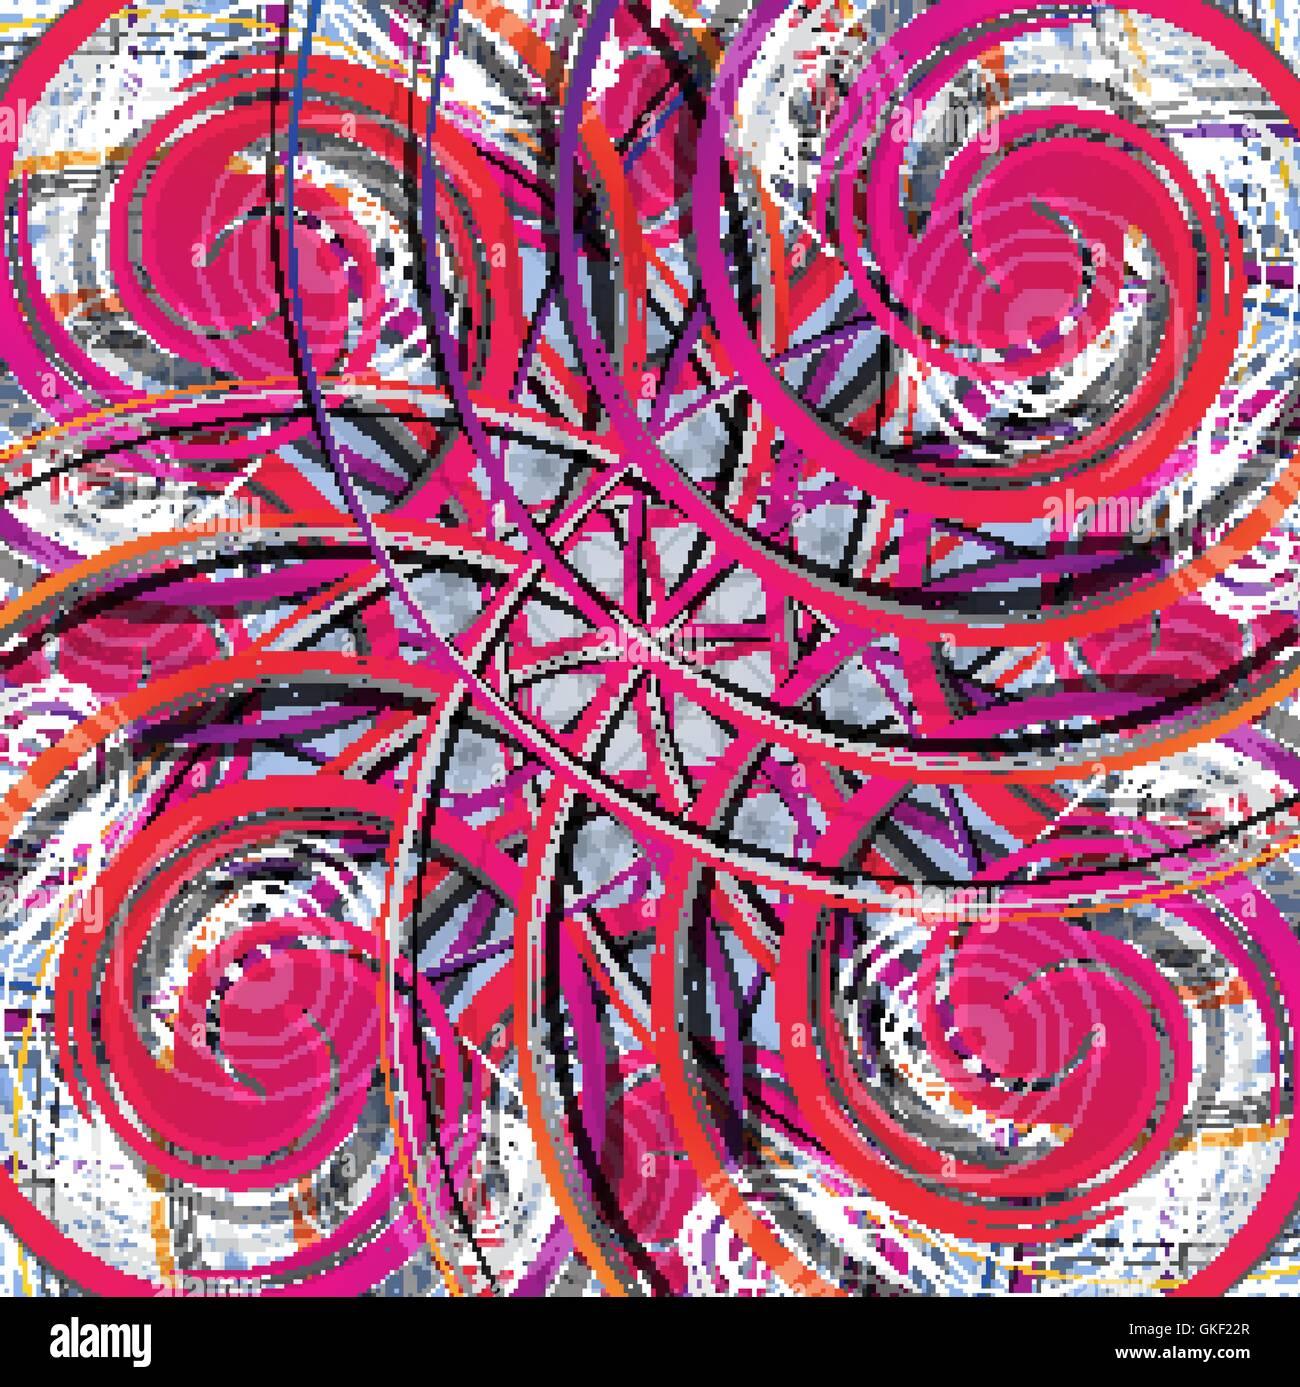 Abstrakten farbigen Hintergrund. Moderne Design-Pattern. Rot, gelb, rosa, lila, helle Linie Stockbild